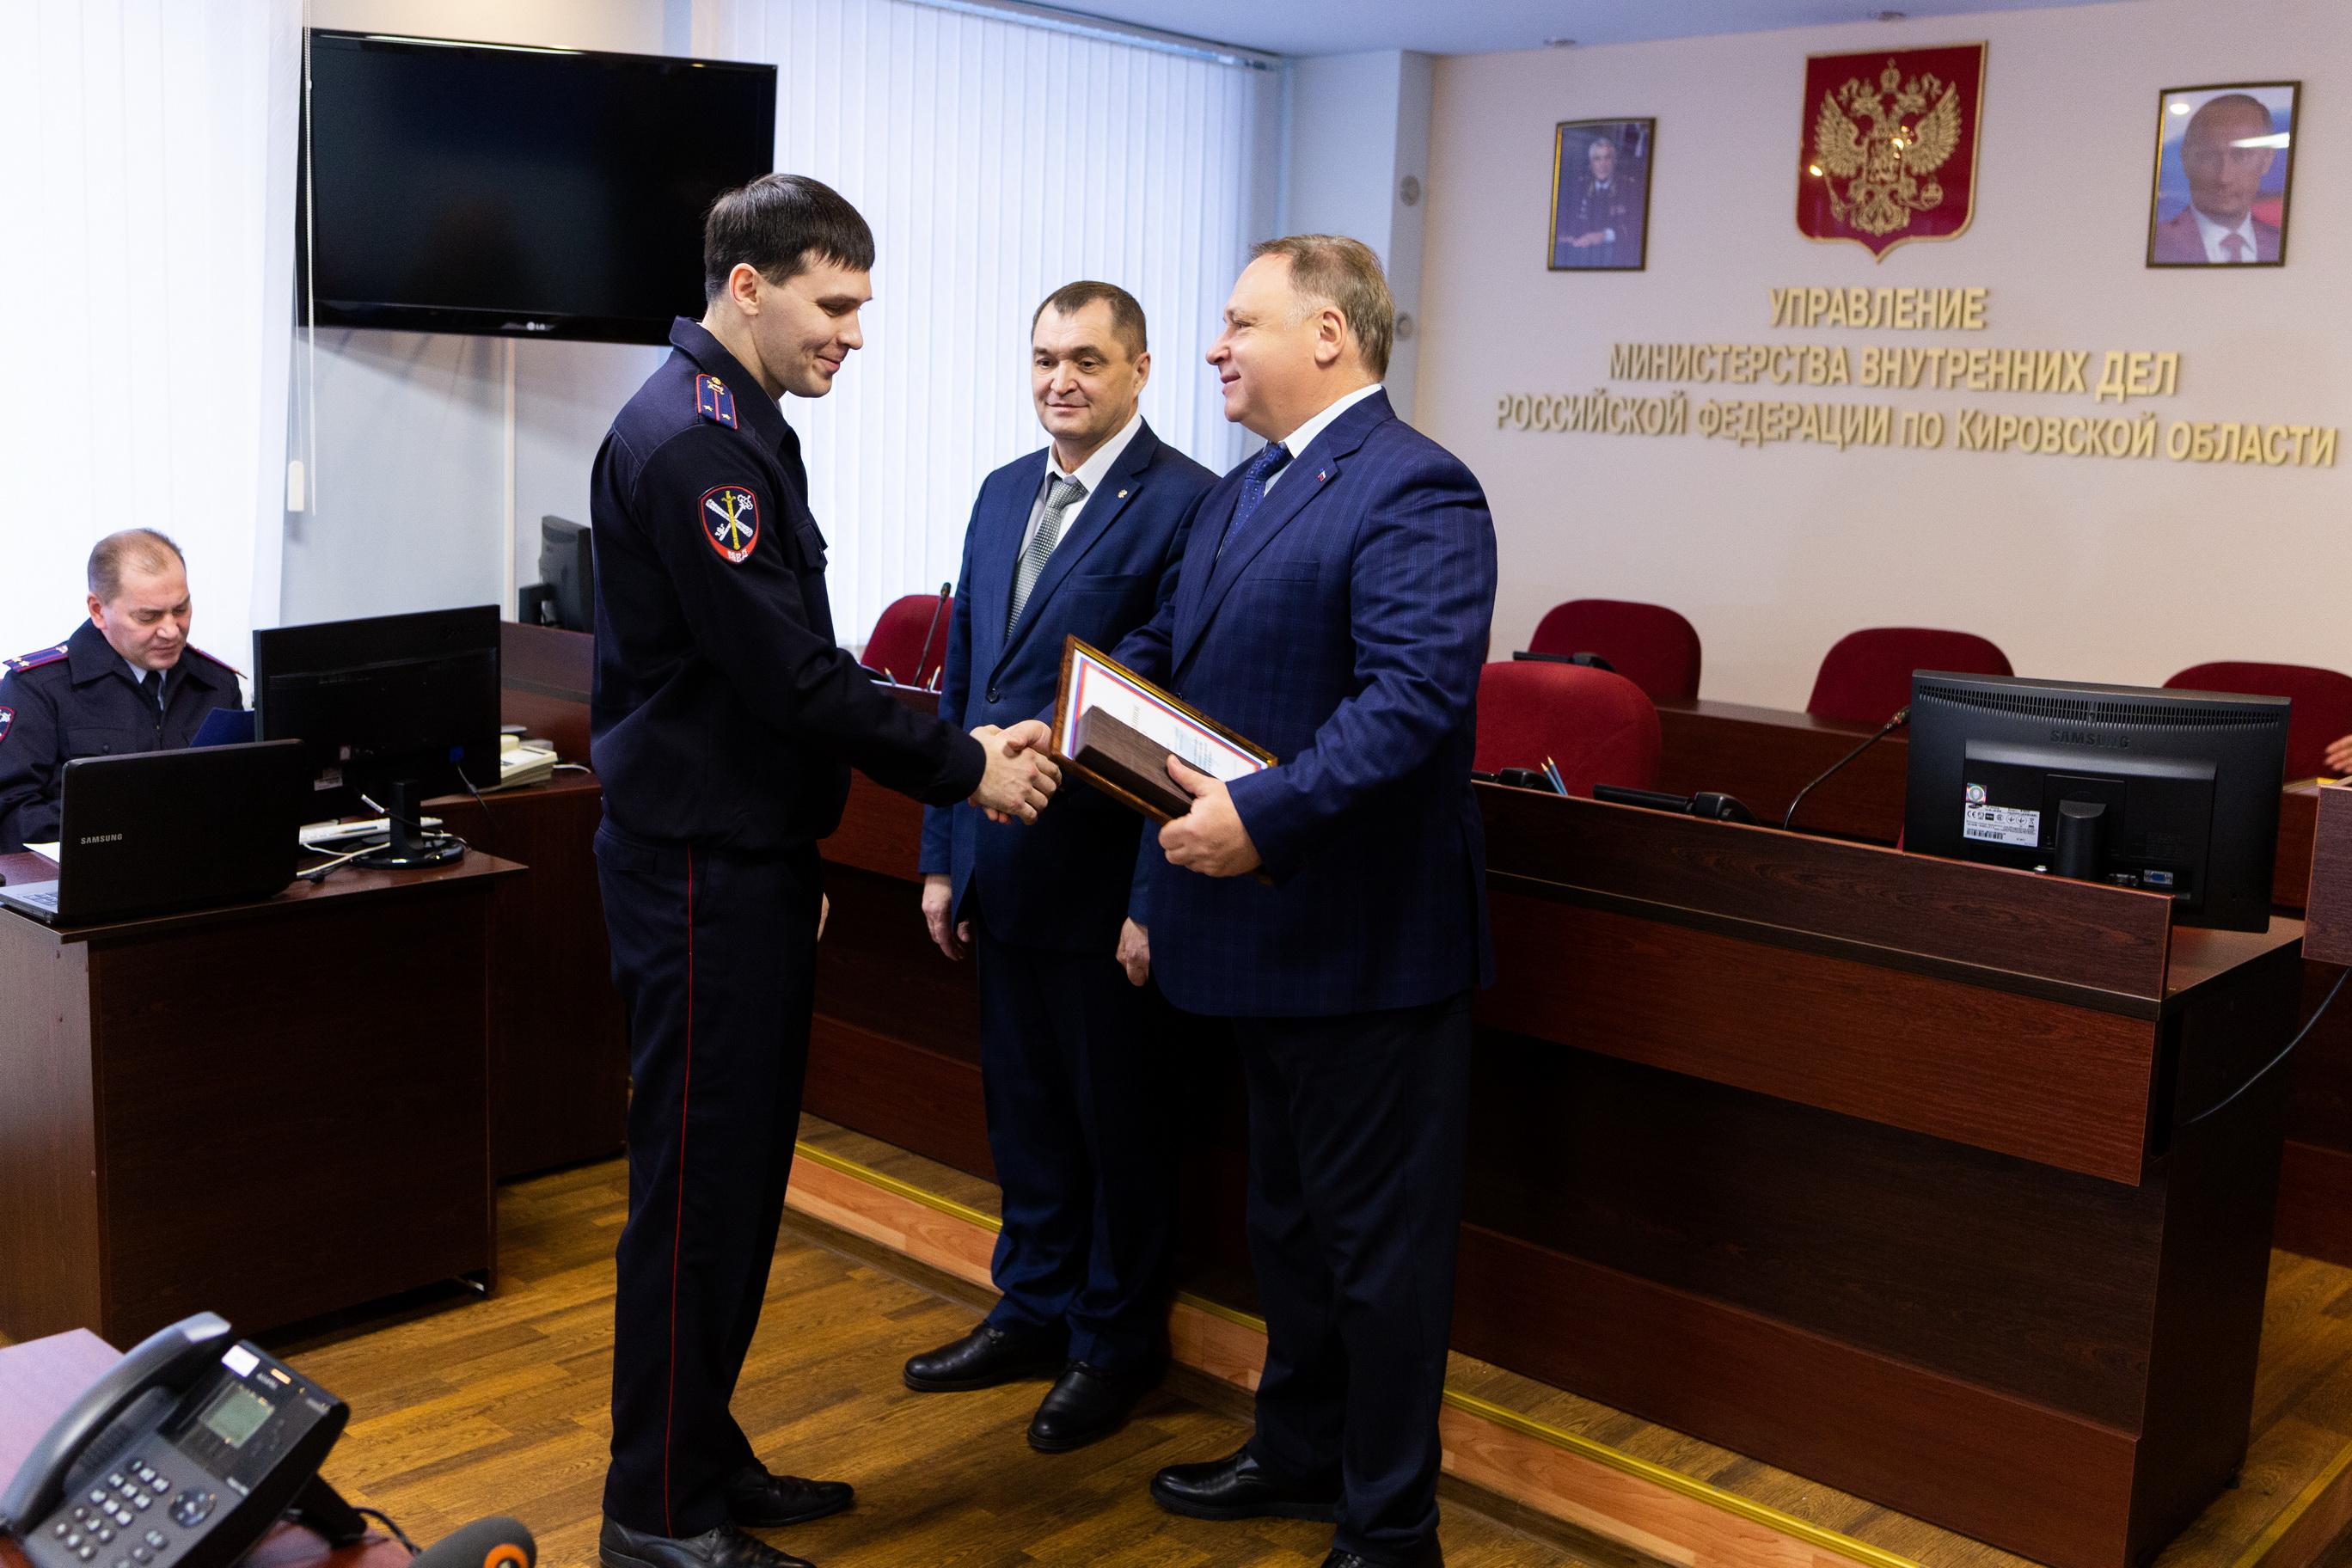 Олег Валенчук поблагодарил полицейских за добросовестную службу на Гринландии